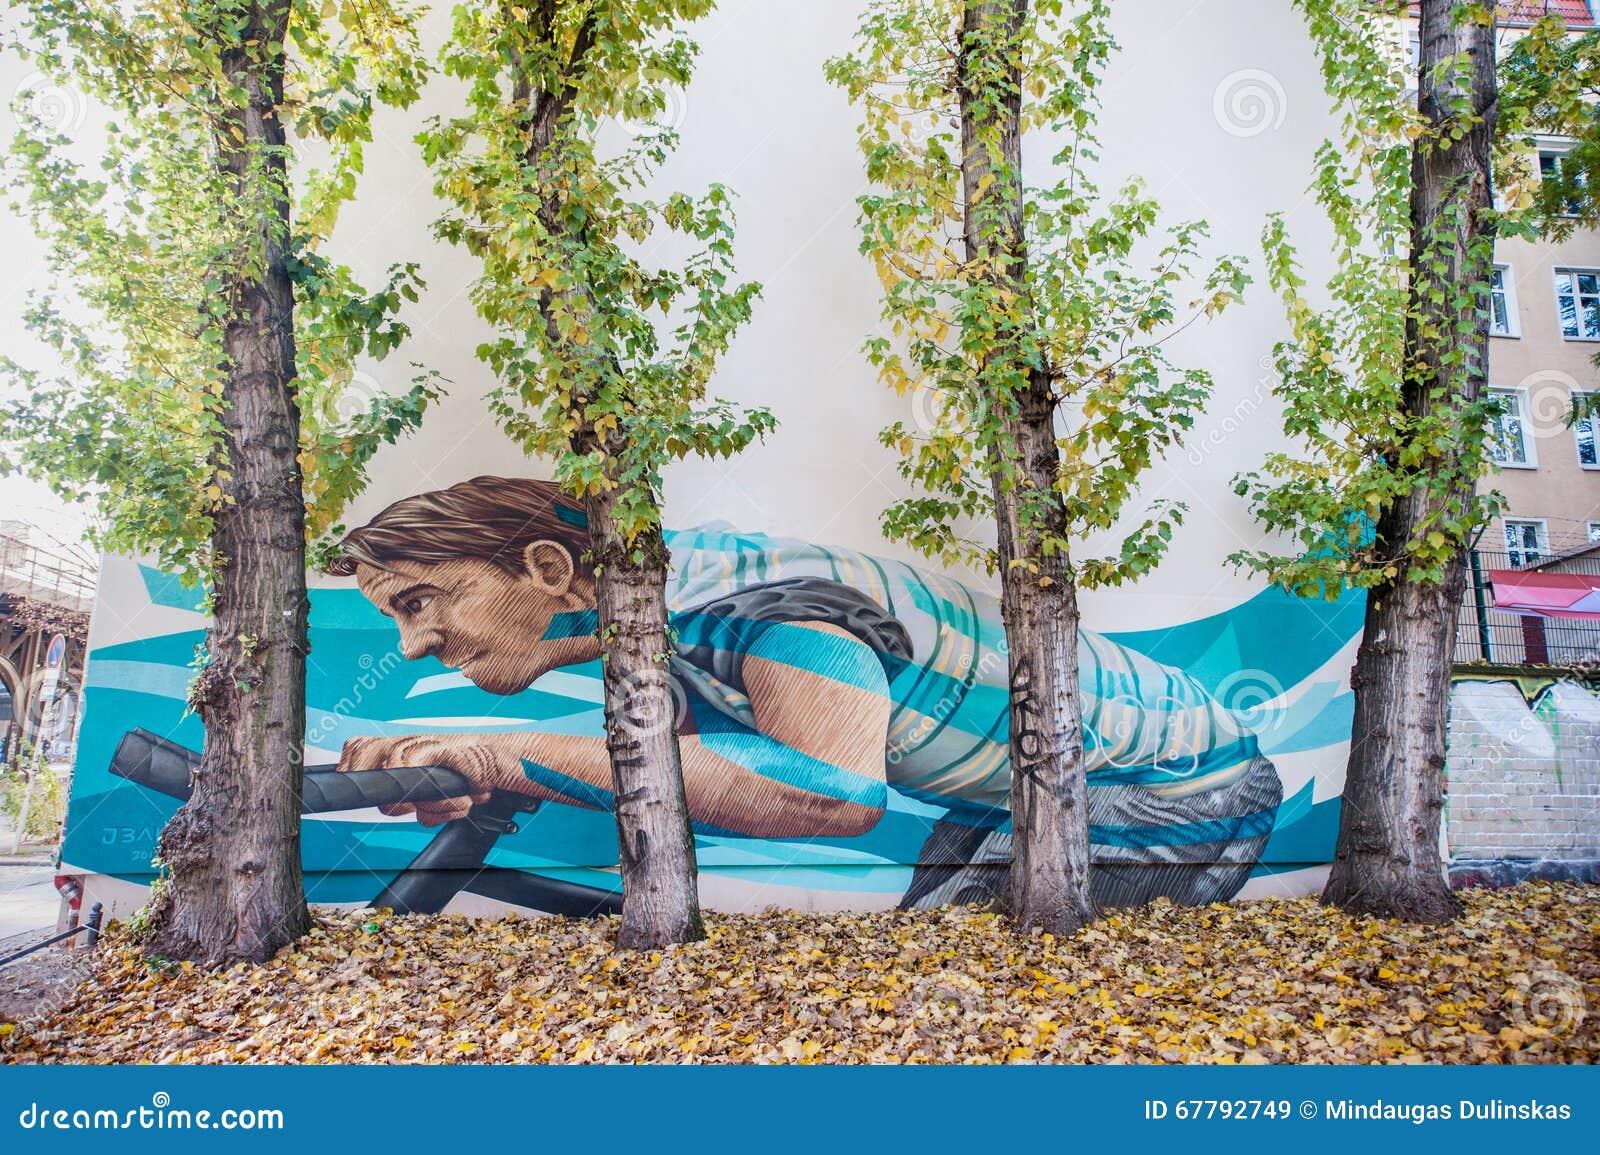 BERLÍN, ALEMANIA - 29 DE OCTUBRE DE 2012: Pintura de pared en Berlín con Guy Riding Bicycle